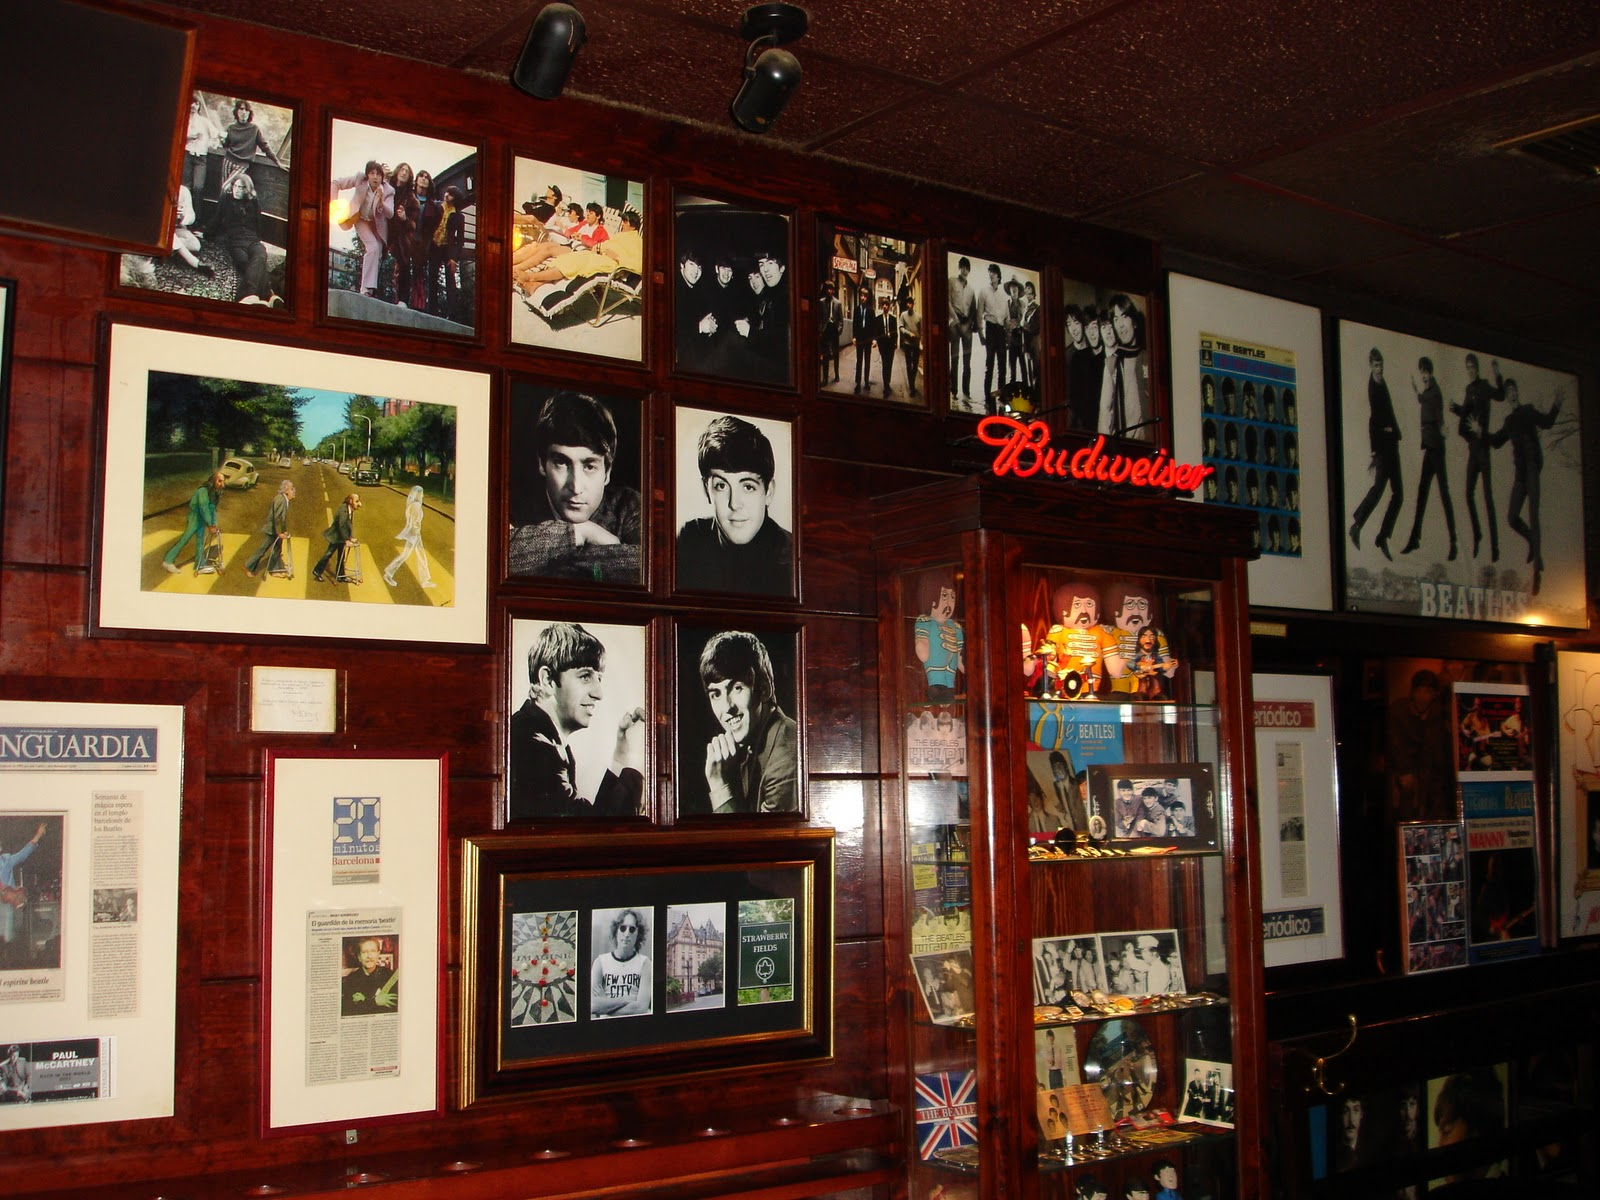 Bares y restaurantes tem ticos de barcelona - Decoracion bares tematicos ...